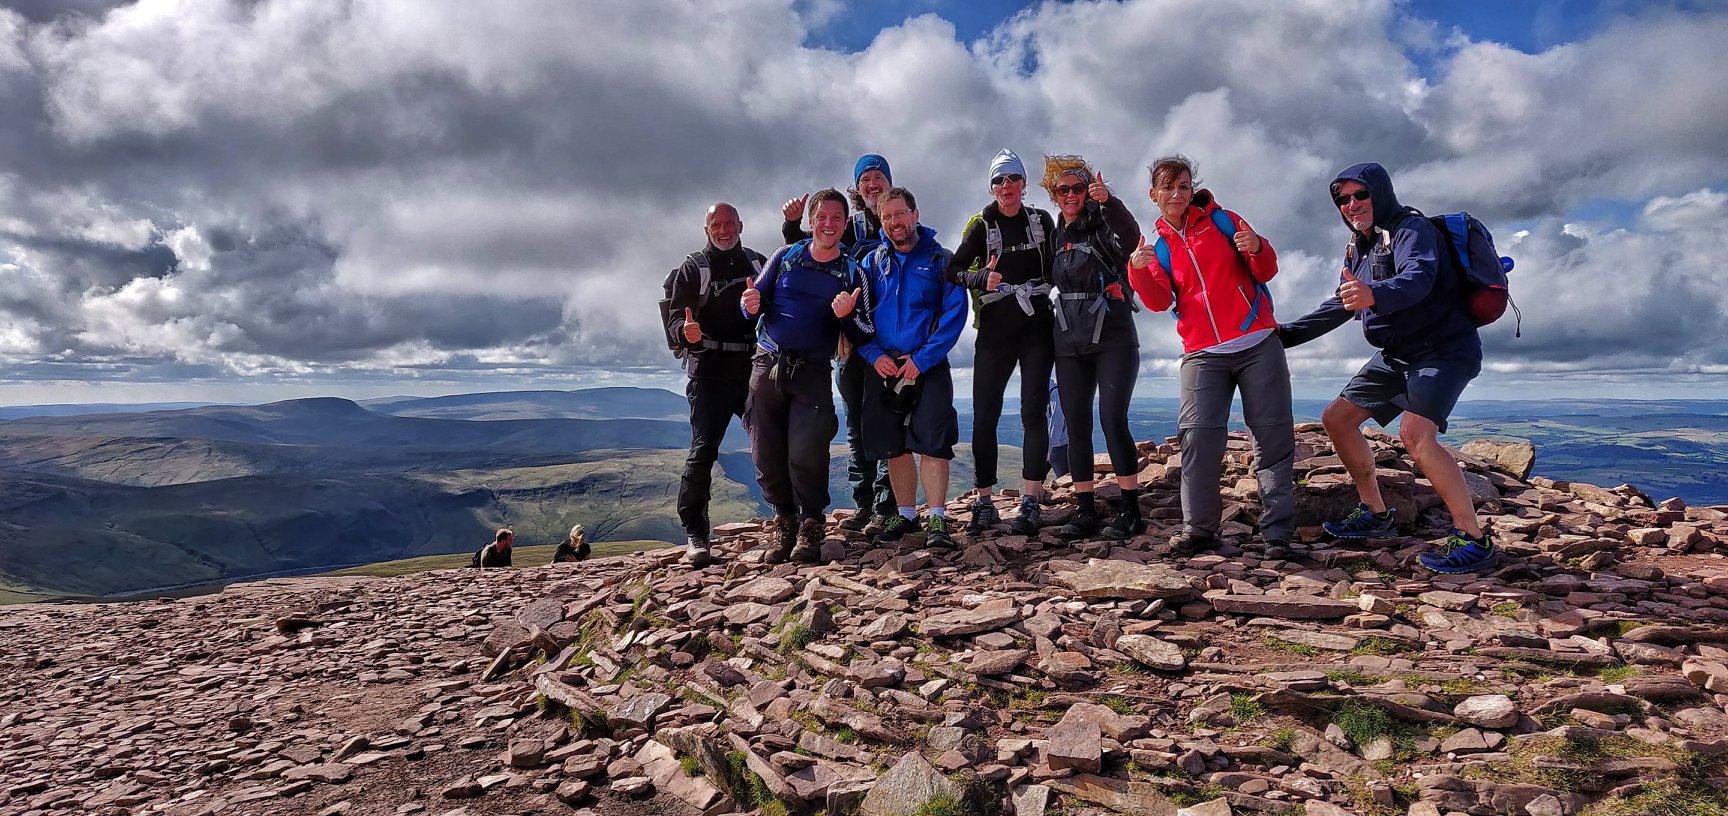 Pen y Fan Summit on the Brecon Beacons 10 Peak Challenge